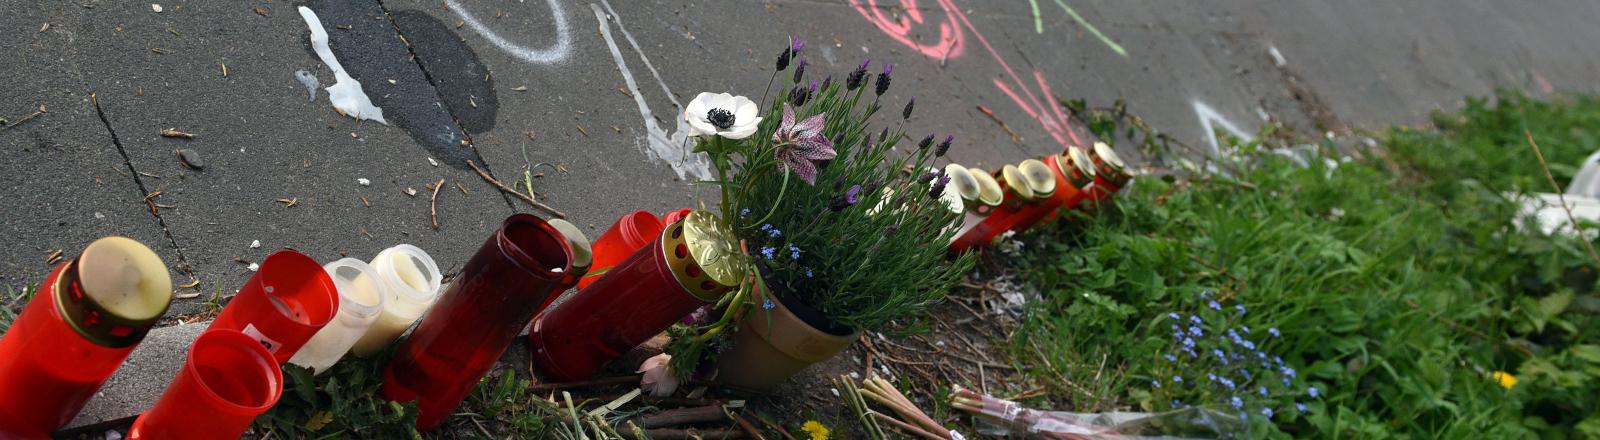 Blumen liegen an der Stelle, an der in Köln eine 19-jährige Radfahrerin durch einen Raser ihr Leben verlor